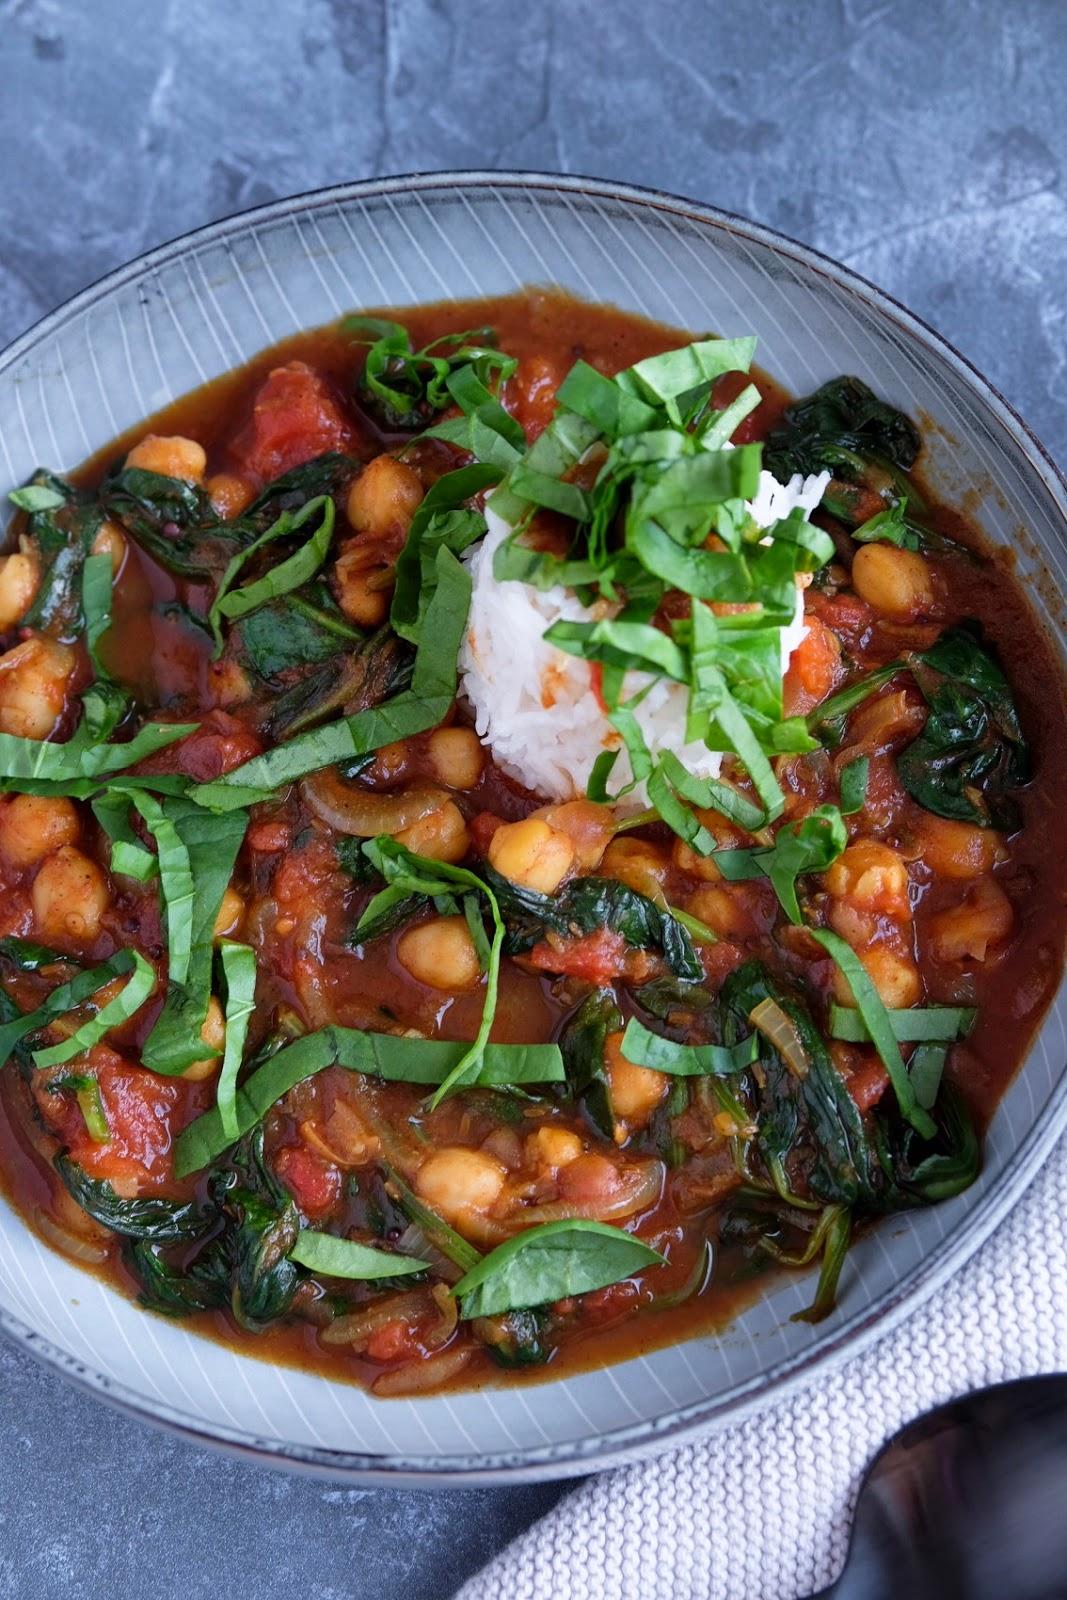 #inunter20 Minuten zubereitet | Kichererbsen Curry mit Spinat | Kichererbsencurrry mit Babyspinat | schnelle Rezepte | judetta.de